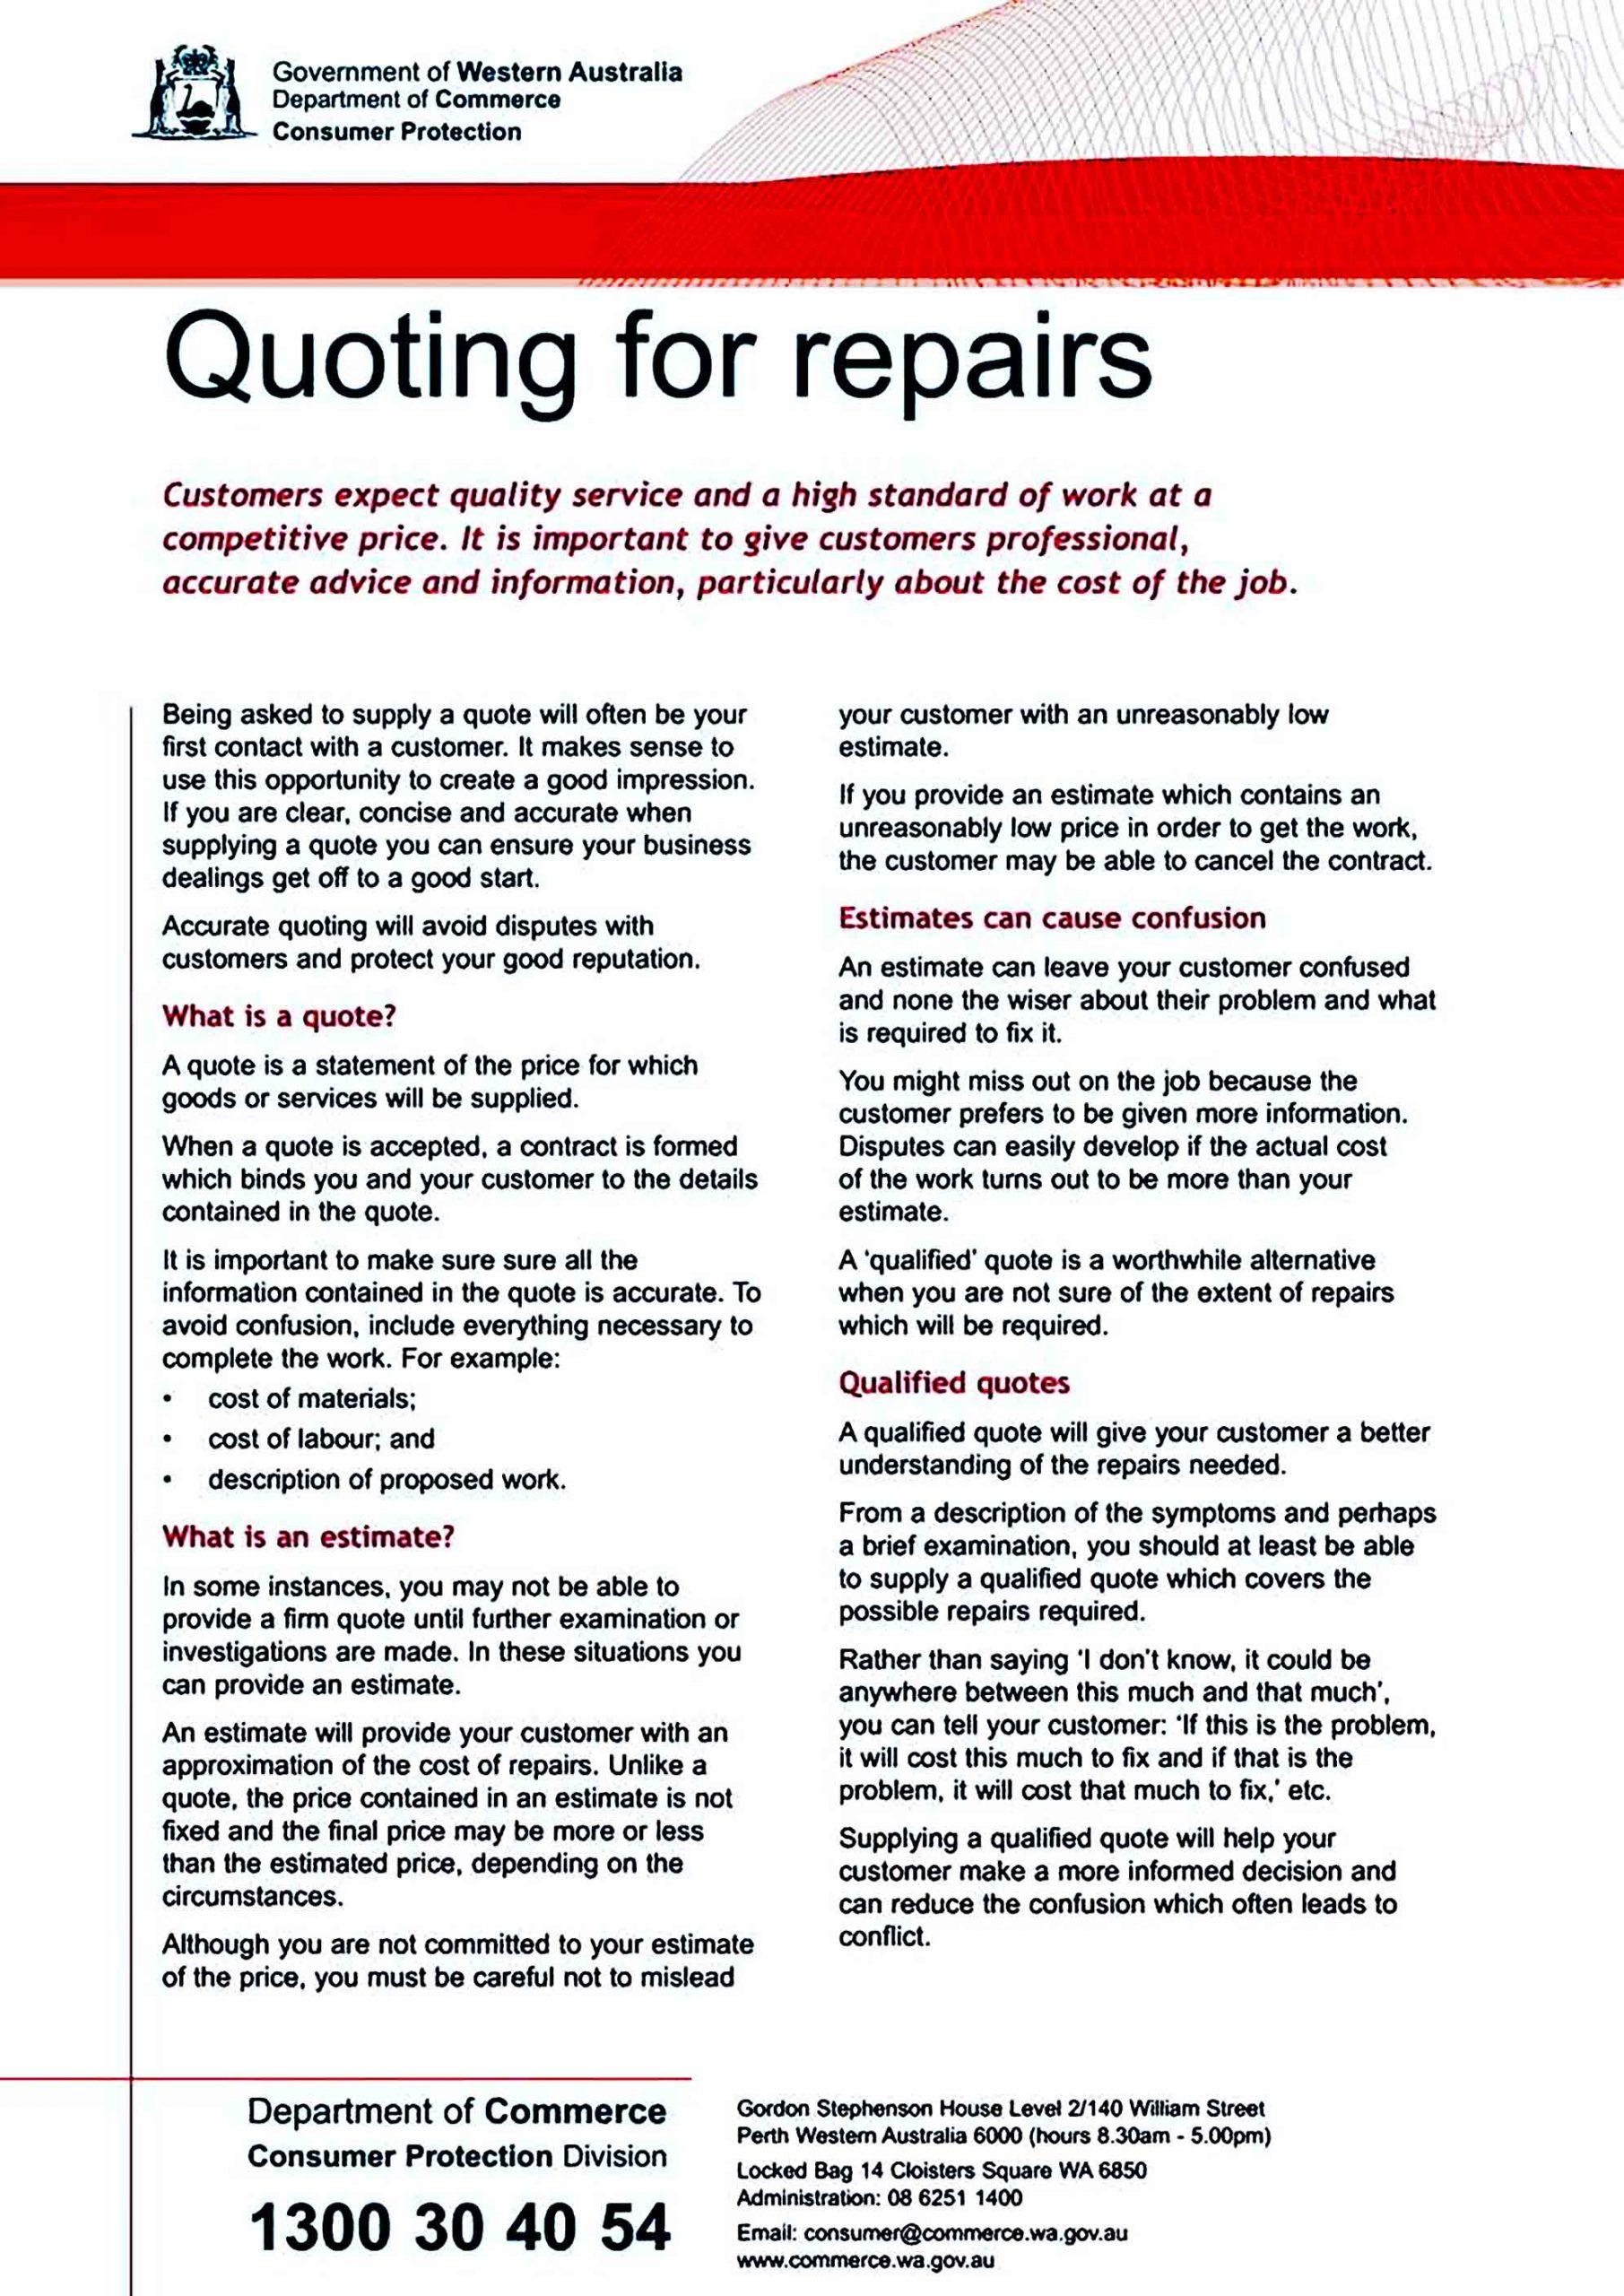 Sample quoting for repairs 1 788x1114 1